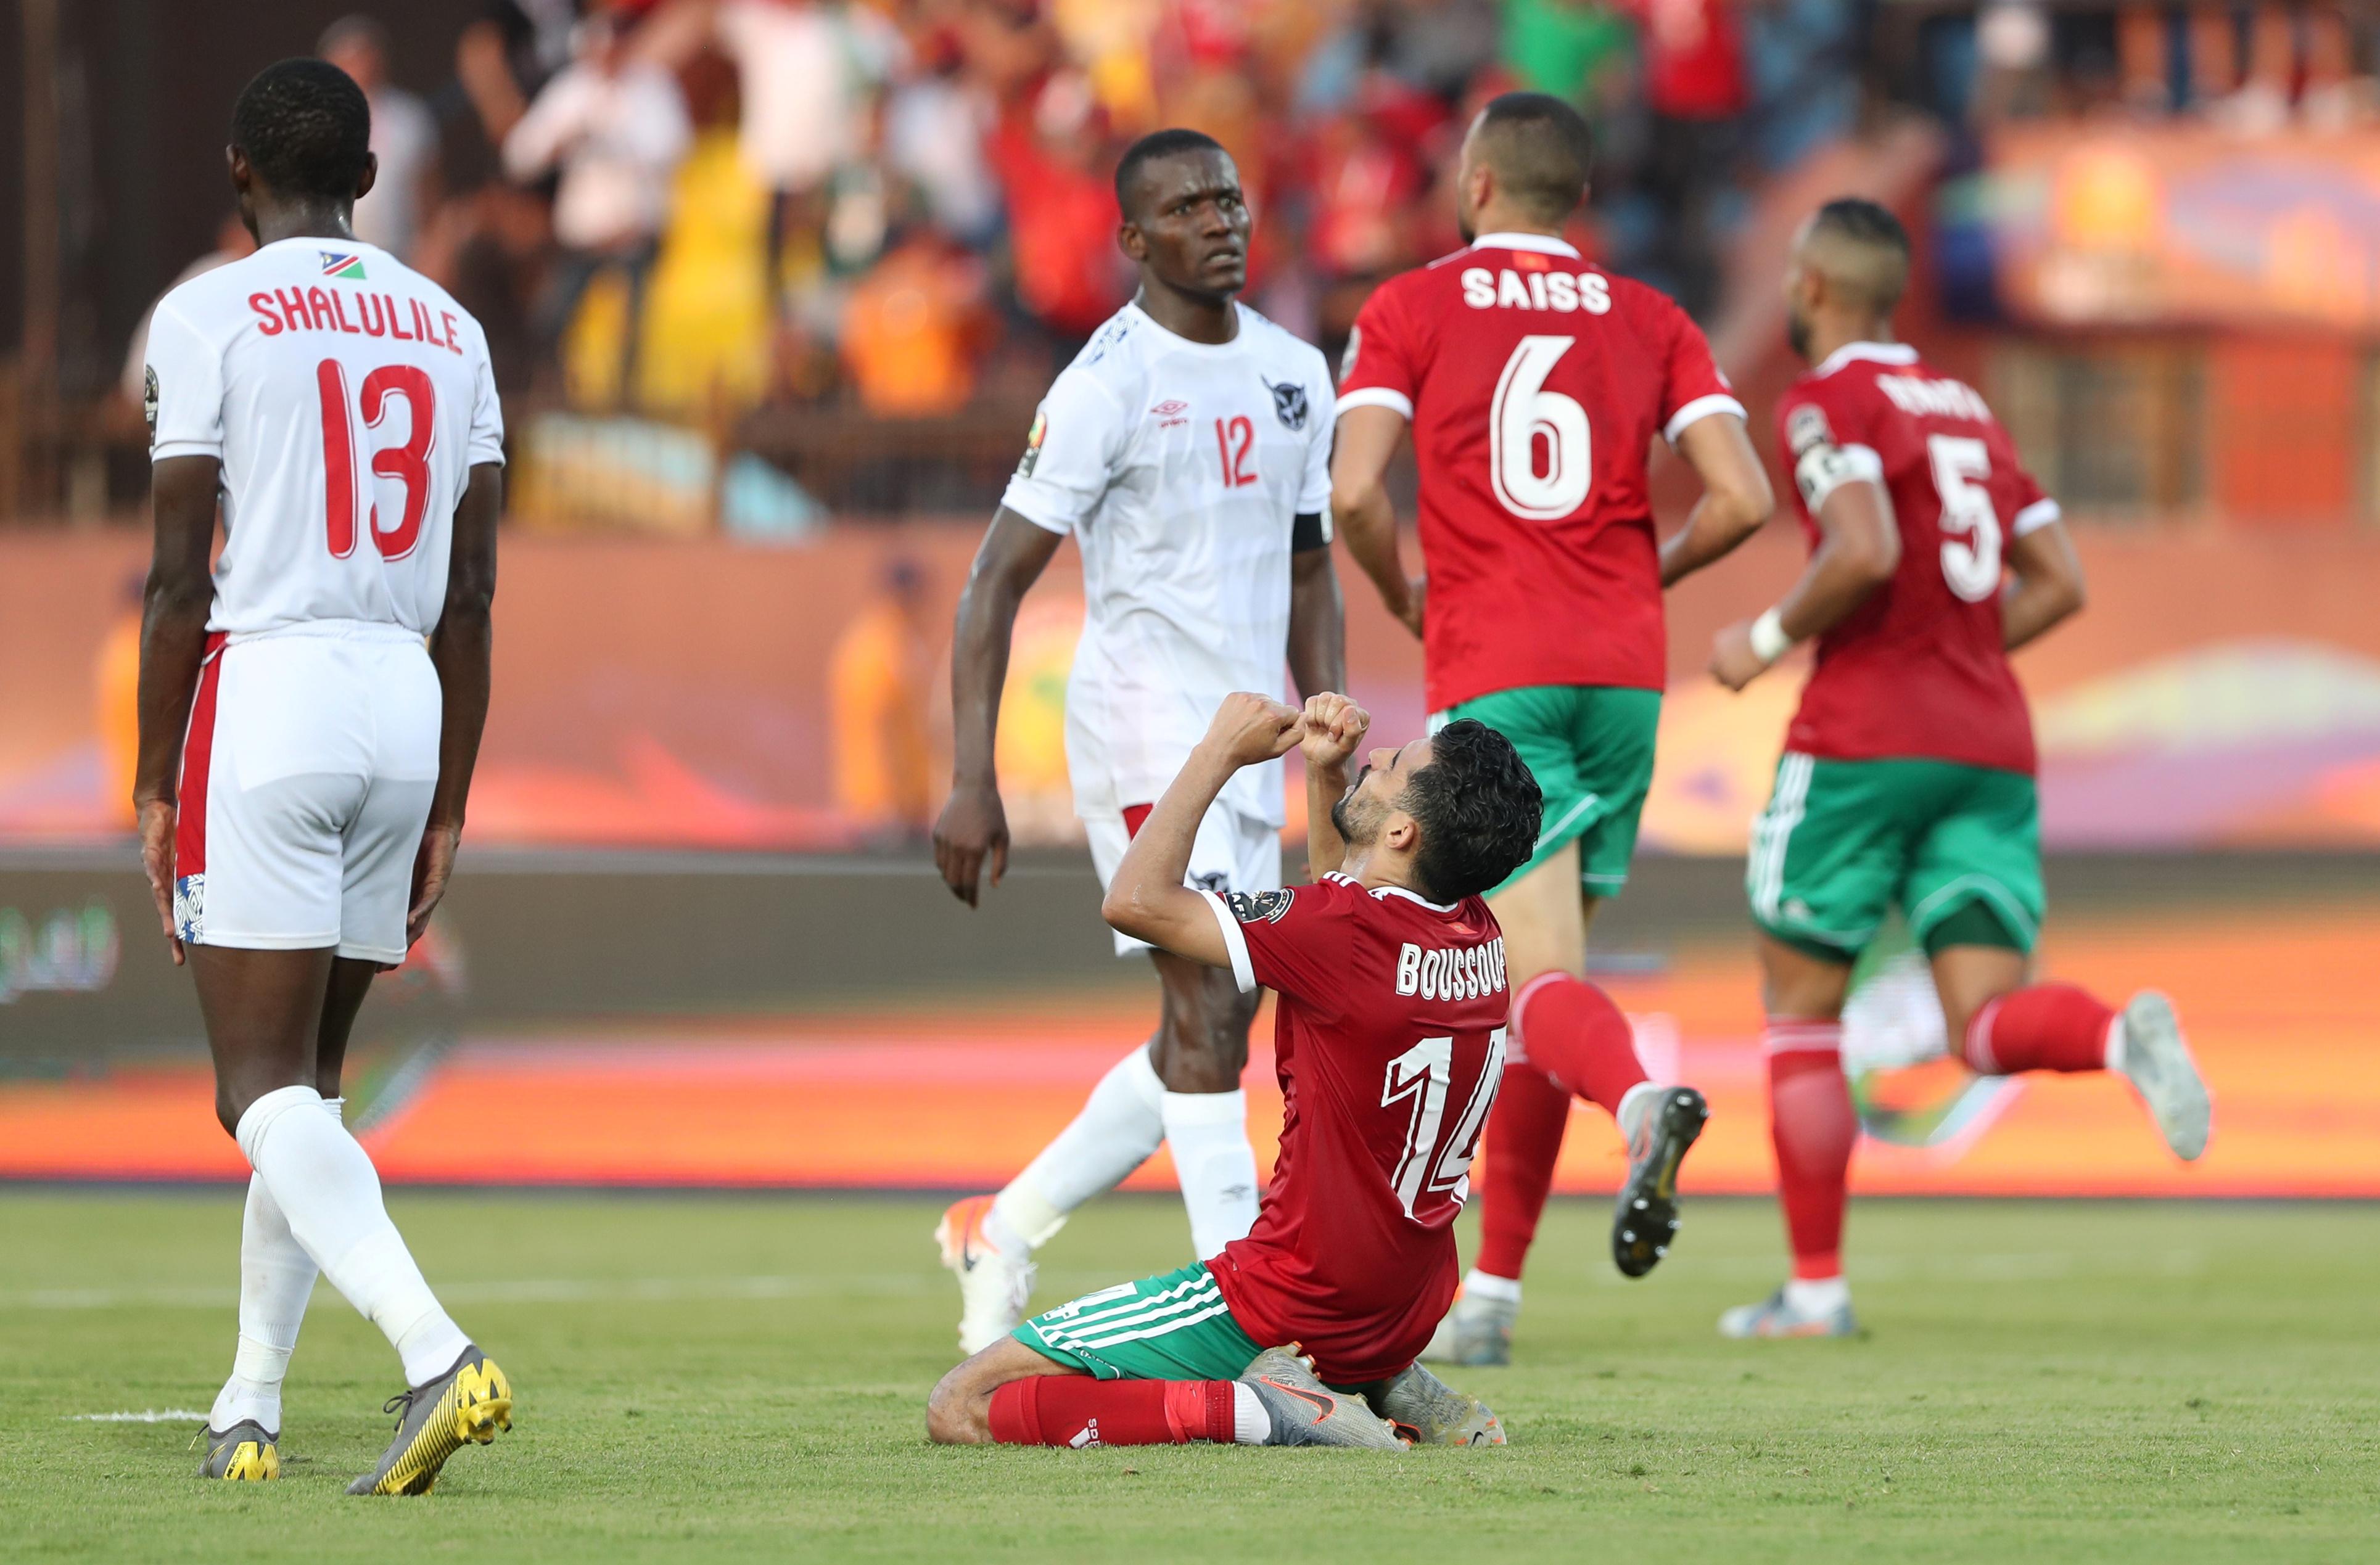 النيران الصديقة تقود المغرب لفوز قاتل على ناميبيا